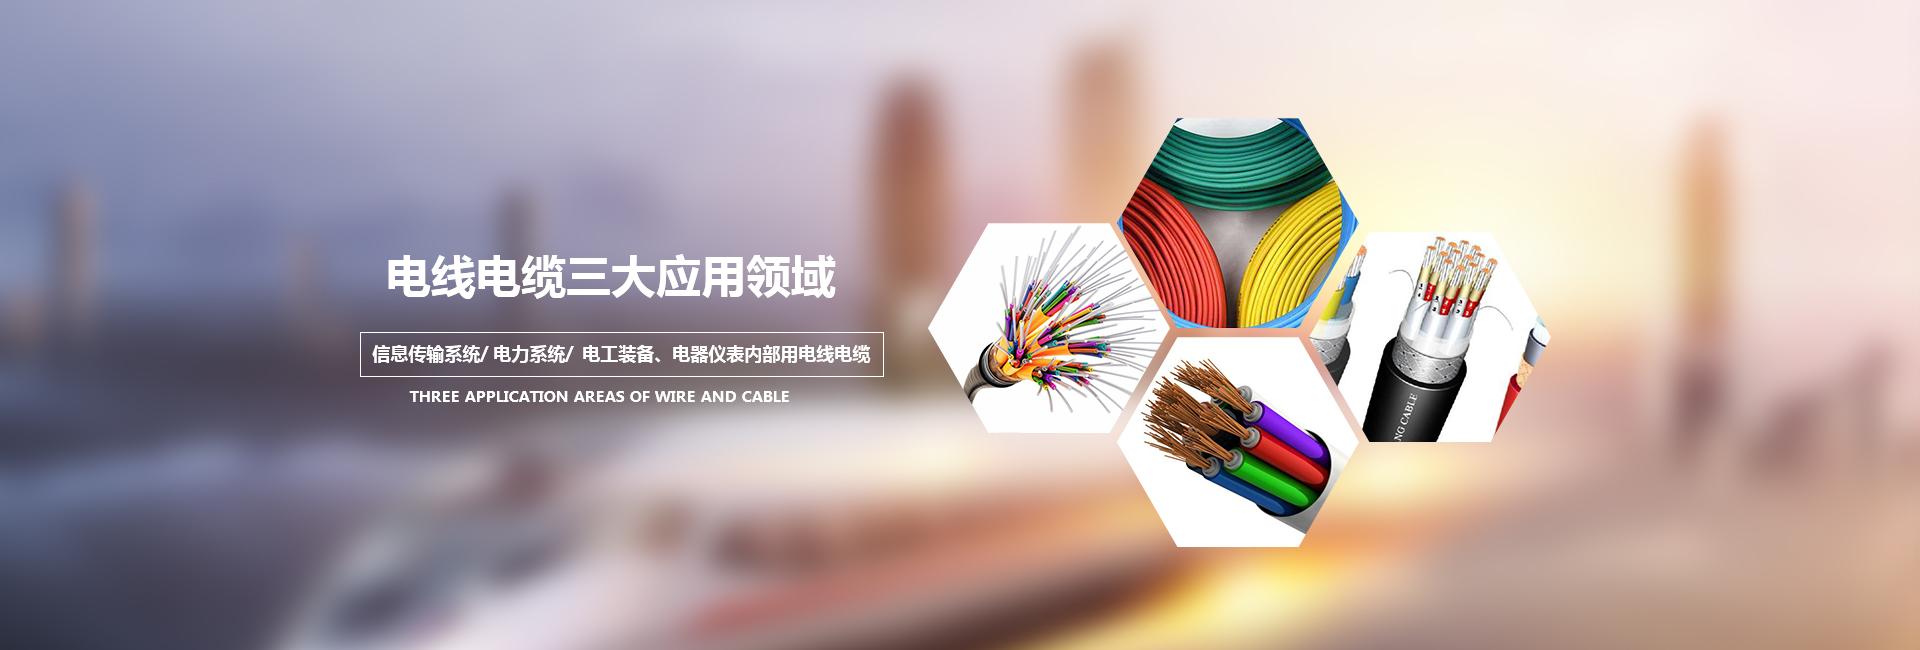 重庆绝缘电力电缆